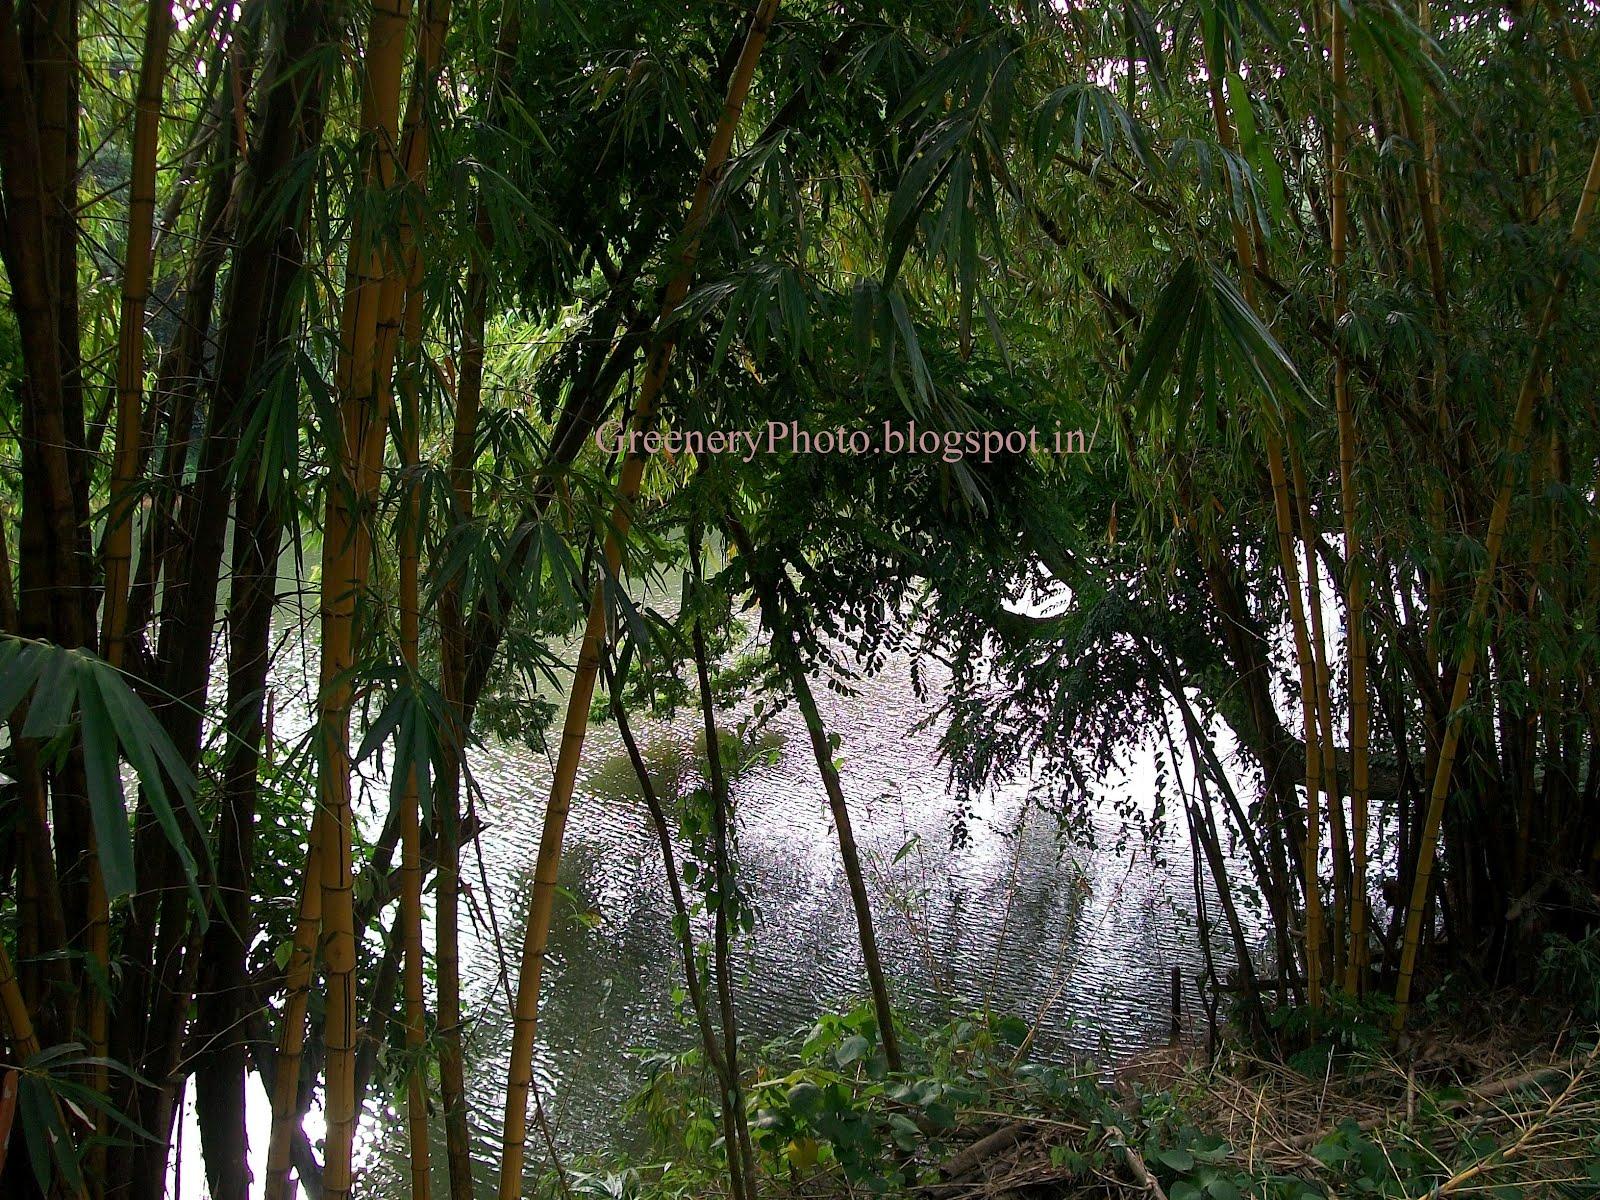 http://1.bp.blogspot.com/-BoGbpVcedZU/T81_IBxx5oI/AAAAAAAABVs/aIVgFGK9n_o/s1600/100_4749.jpg